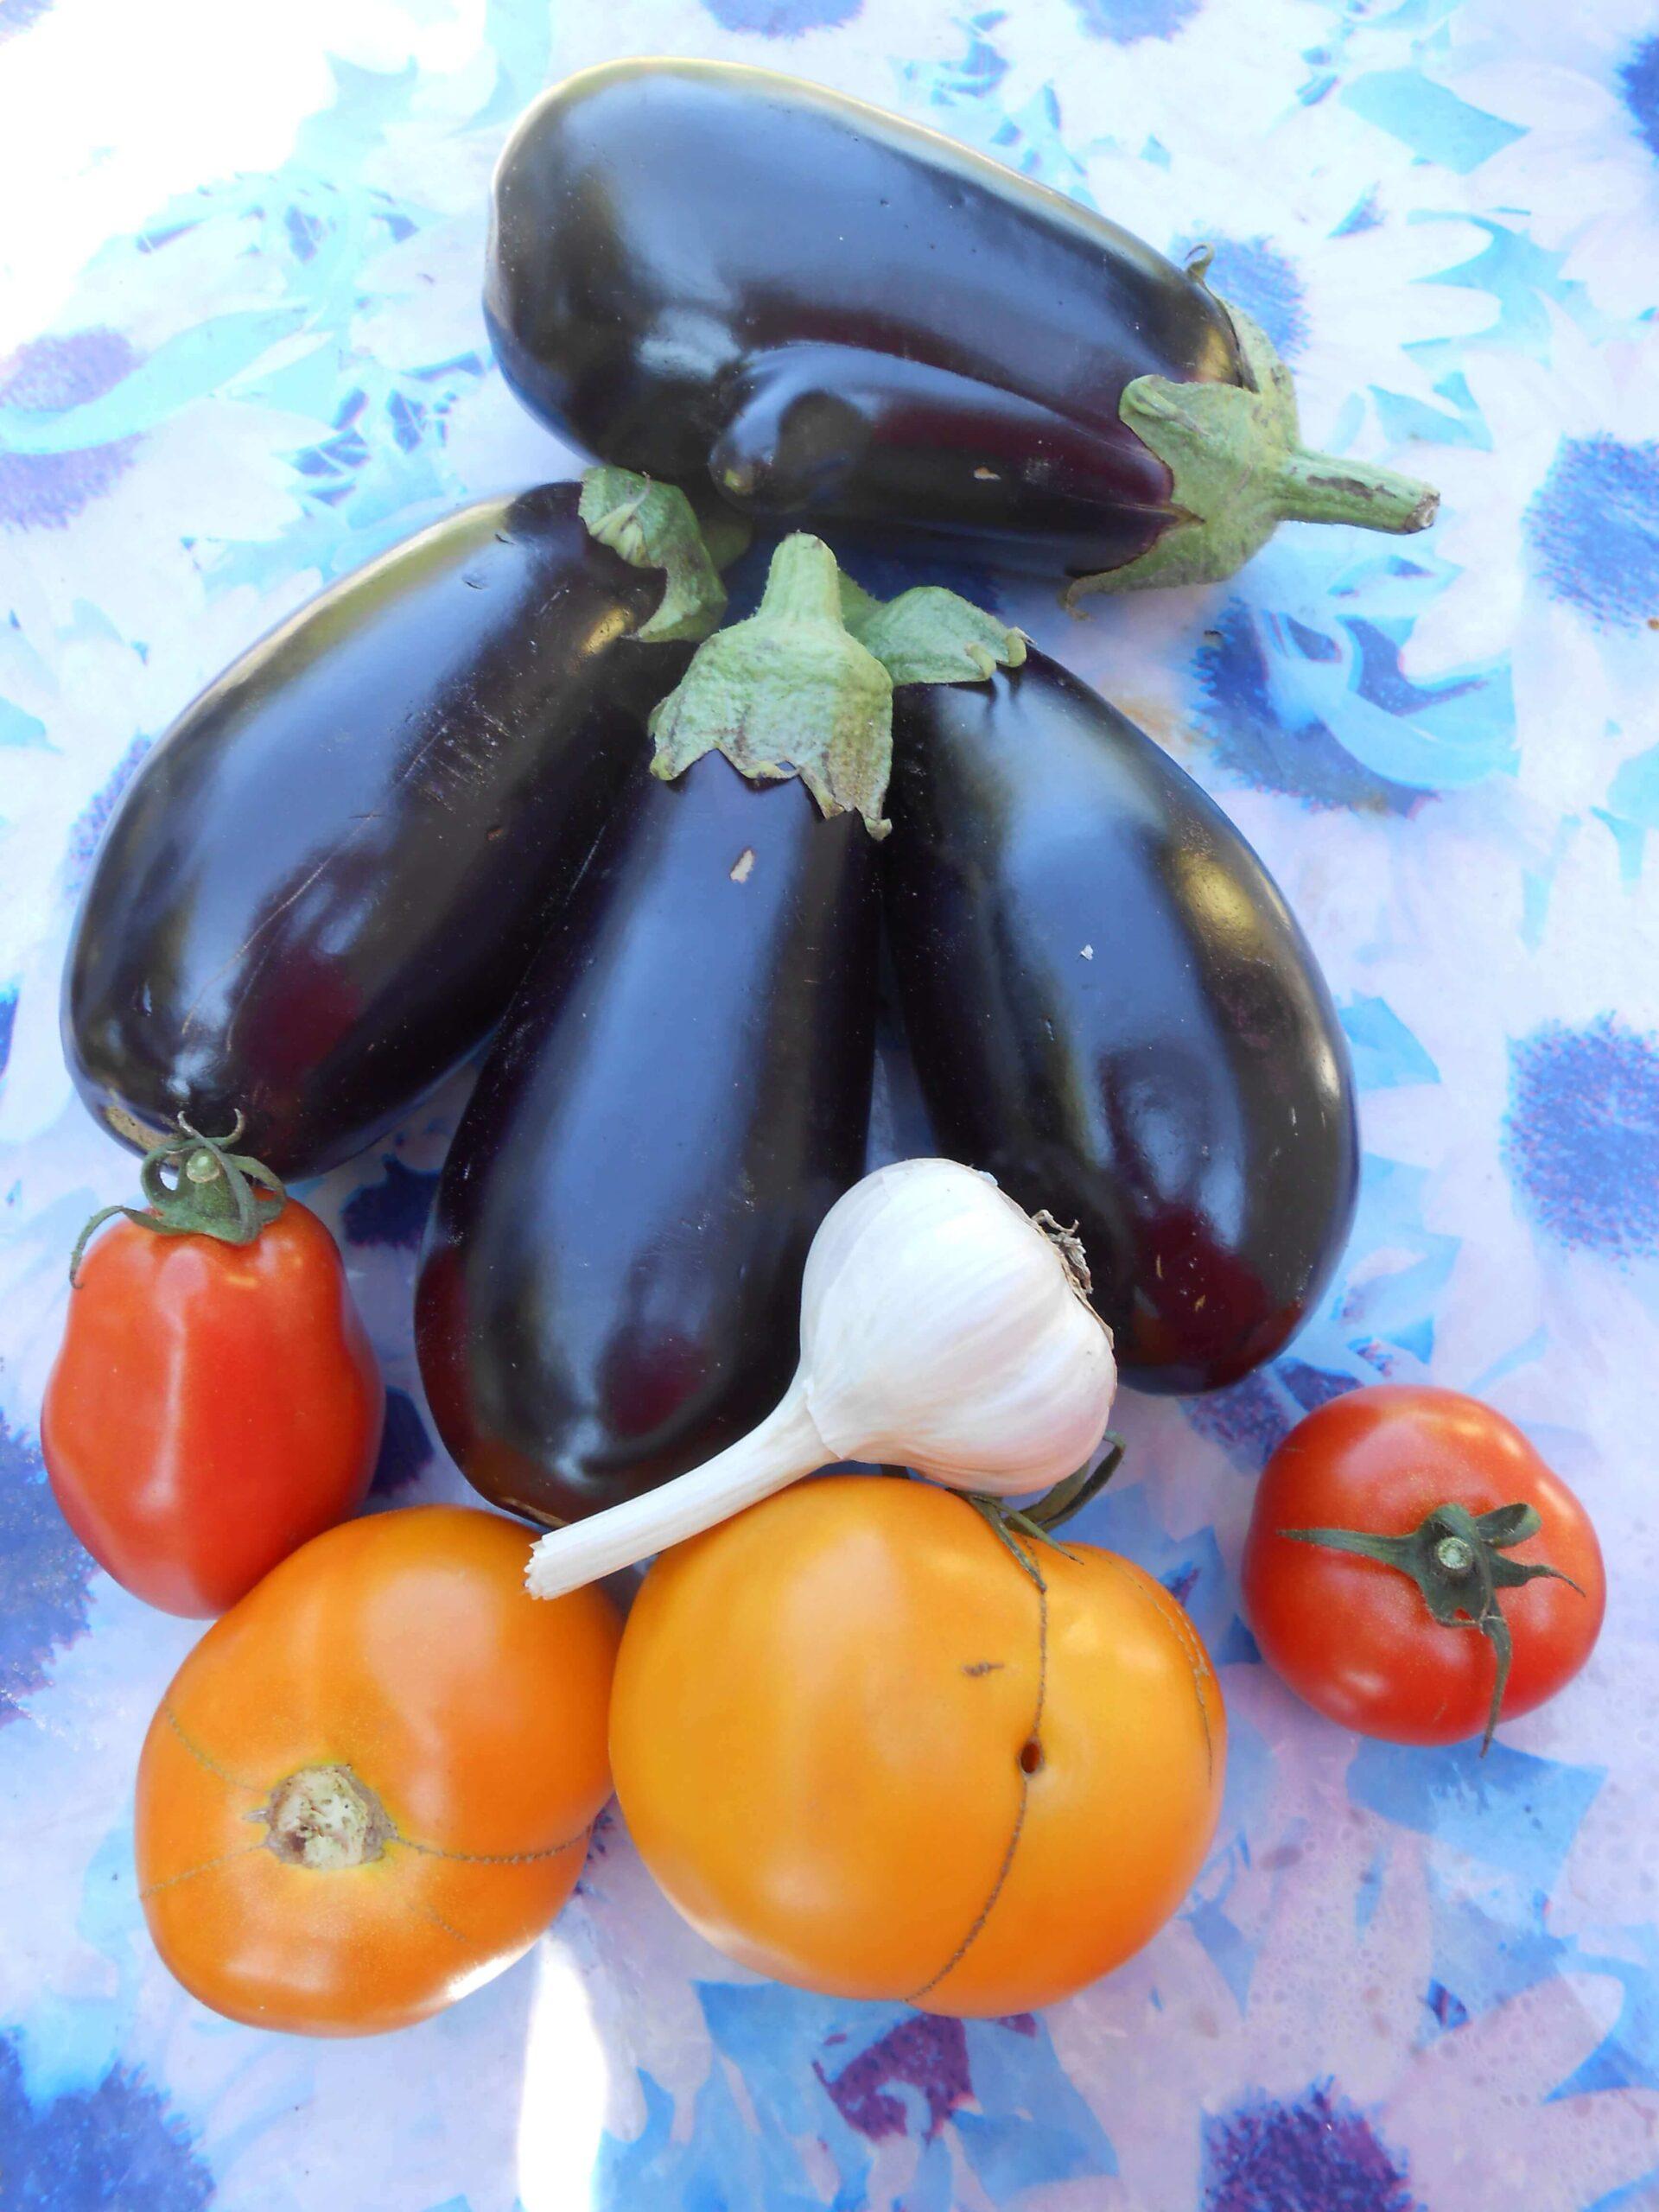 На фото овощи: баклажаны, томаты и чеснок / Авторское фото